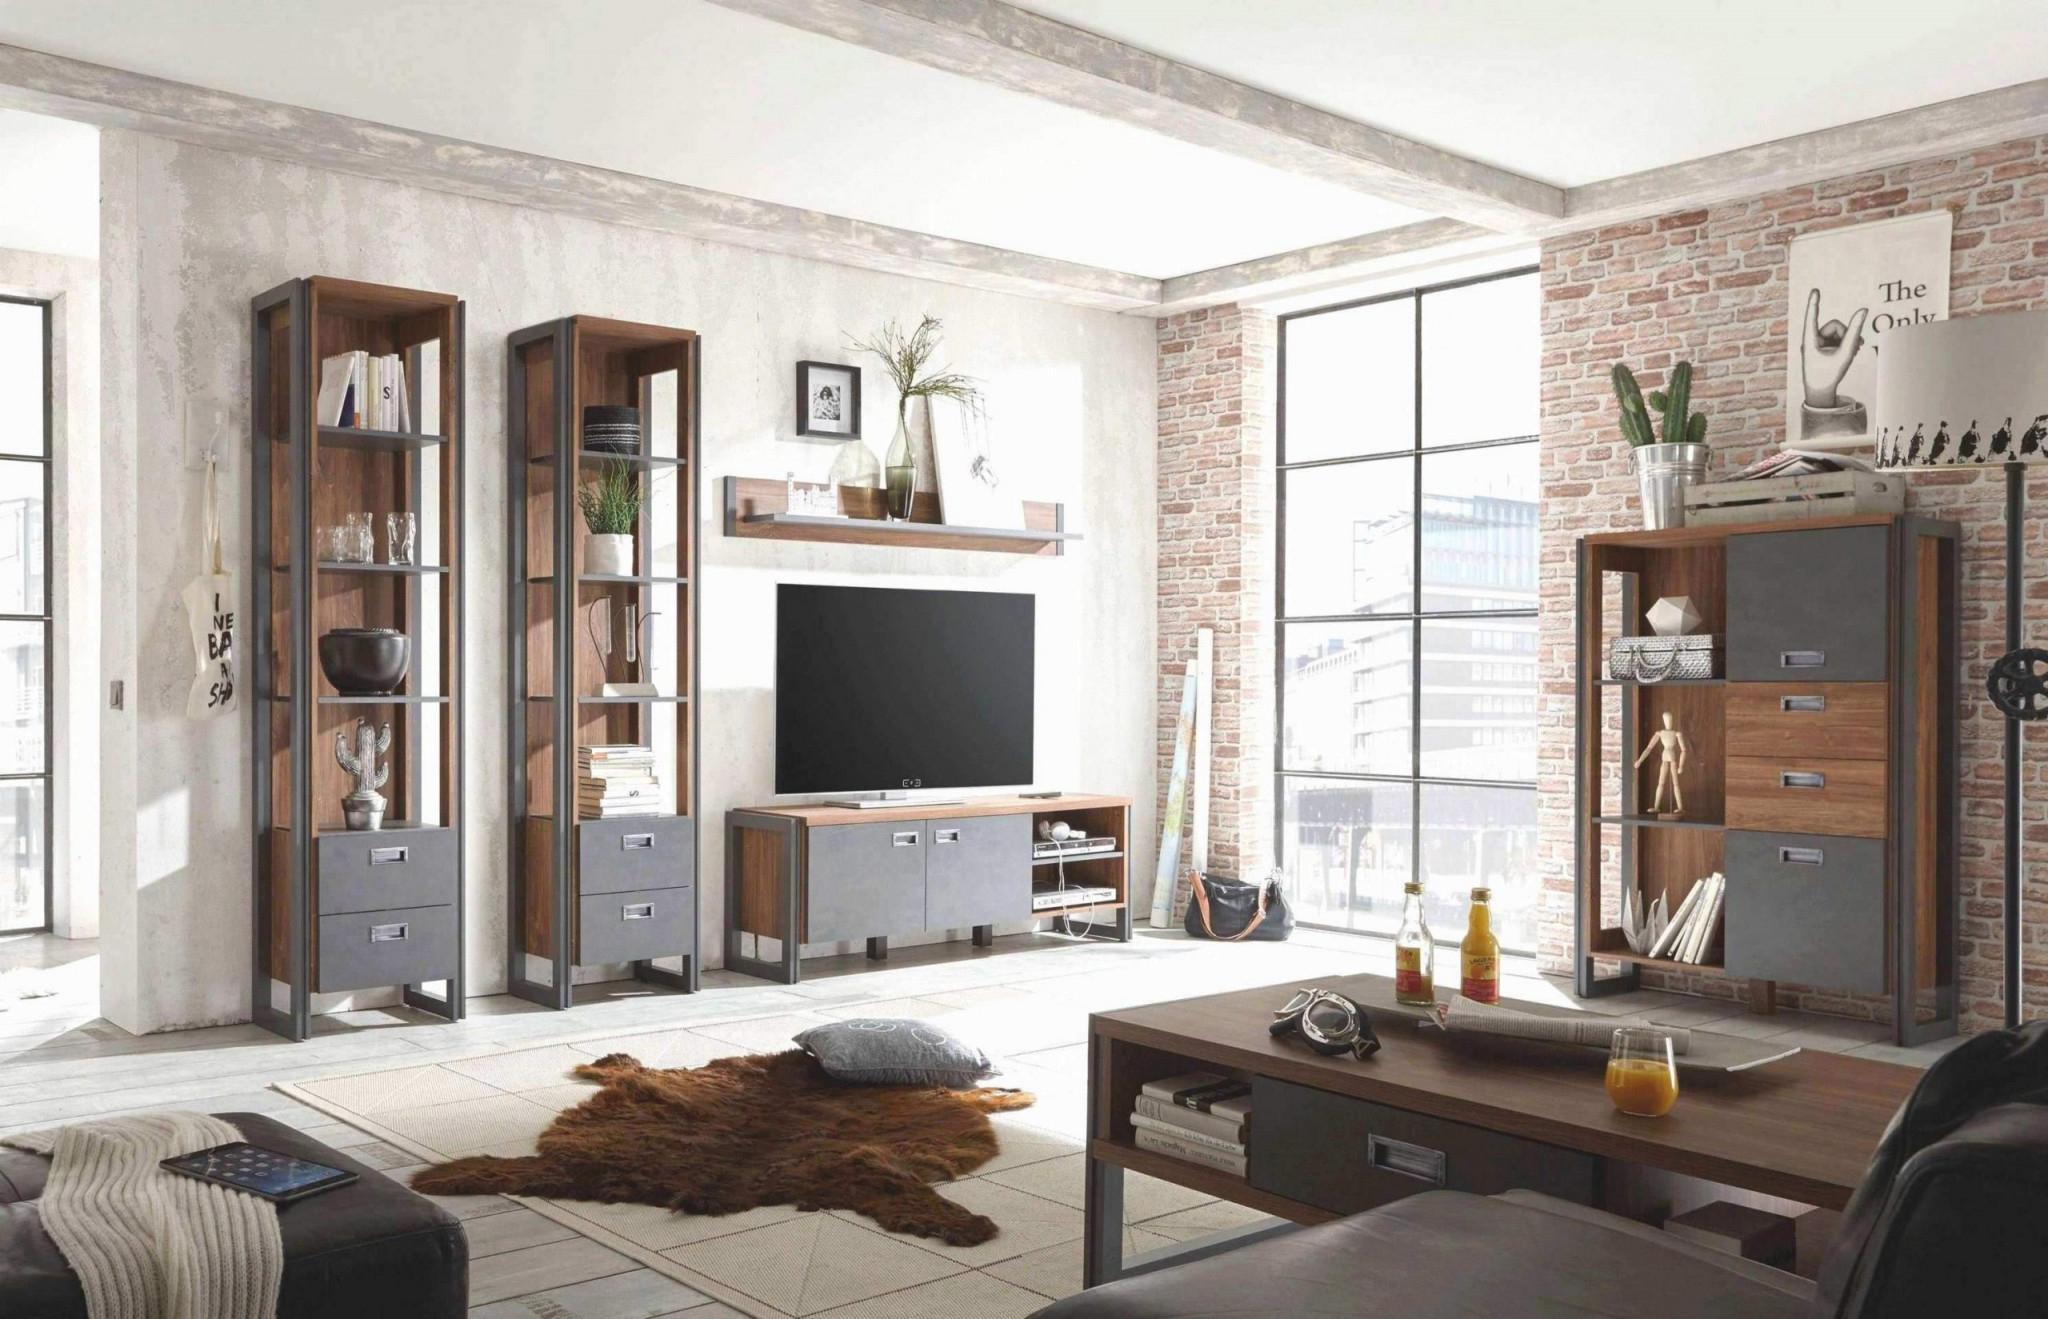 33 Reizend 16 Qm Wohnzimmer Einrichten Genial  Wohnzimmer von Ideen Für Große Wohnzimmer Bild